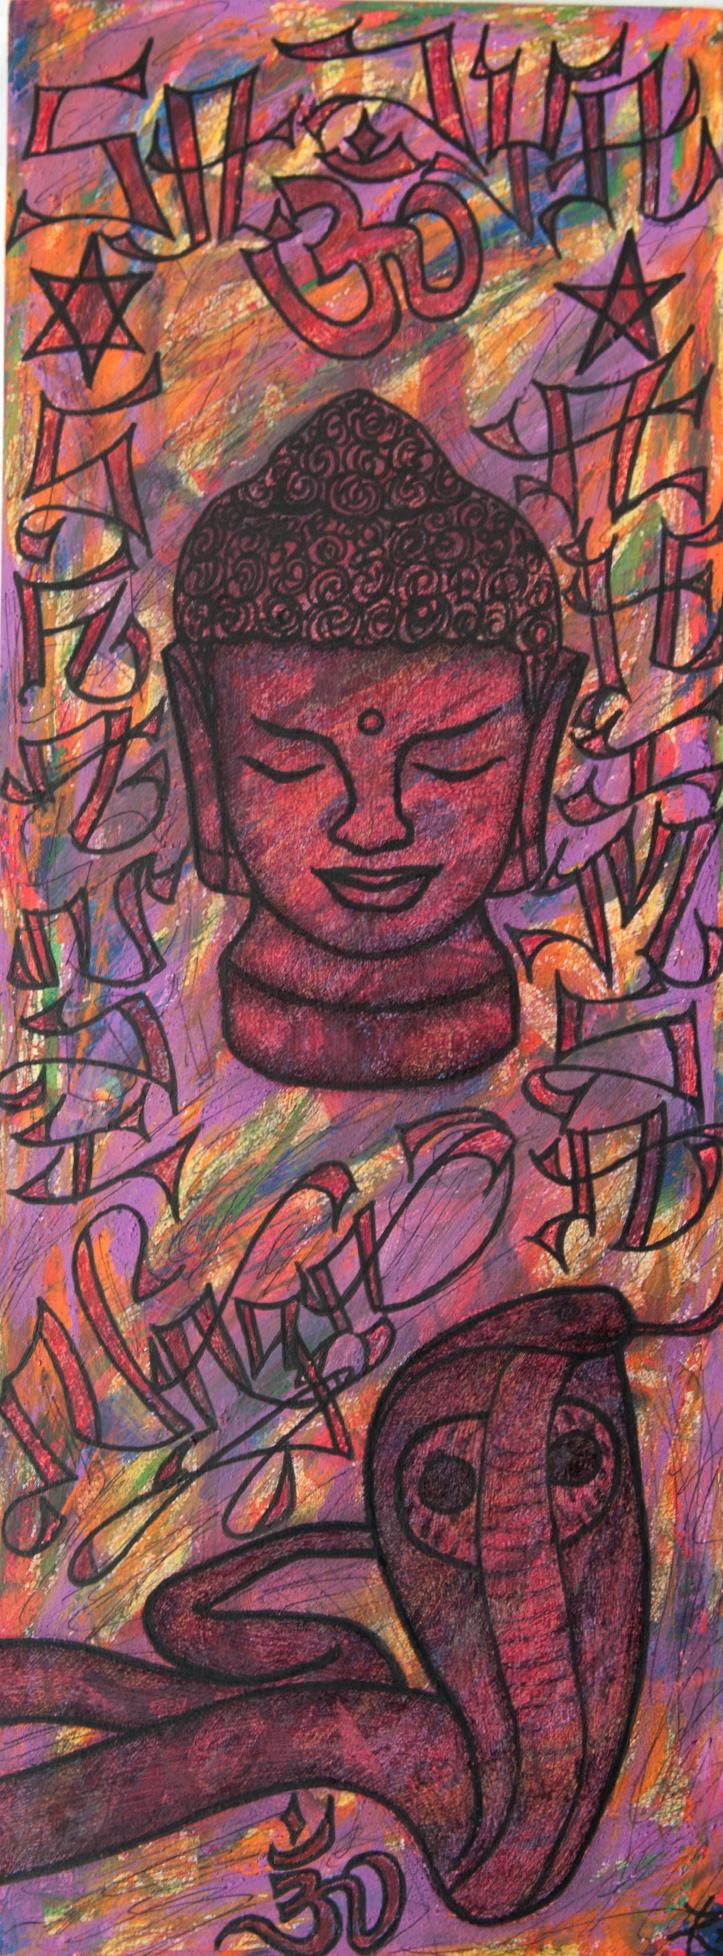 Punk Rock Buddhism 1 of 3